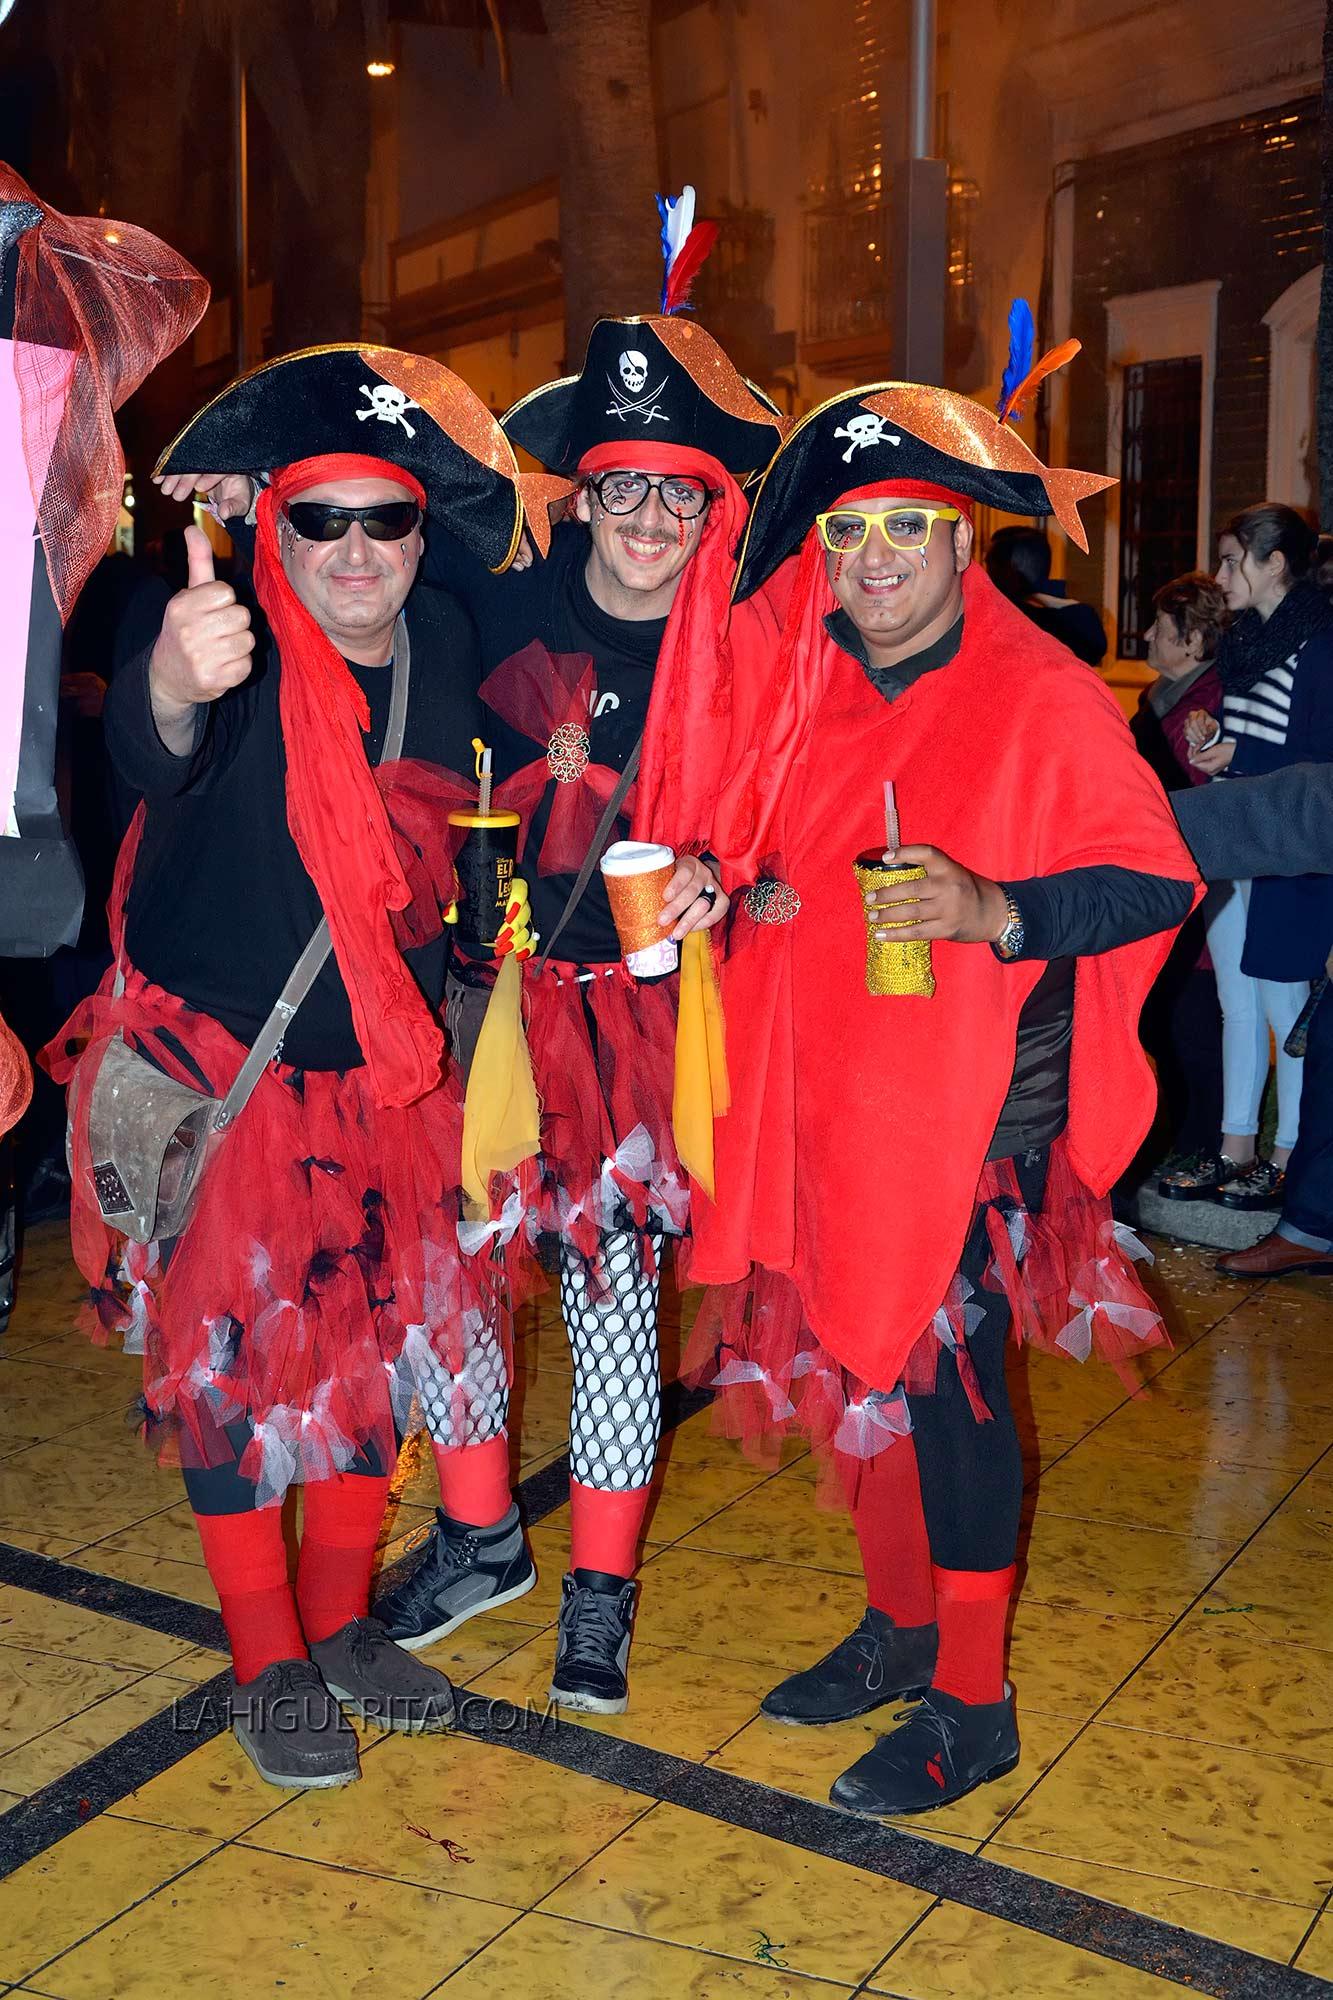 Entierro de la sardina carnaval isla cristina _DSC2255